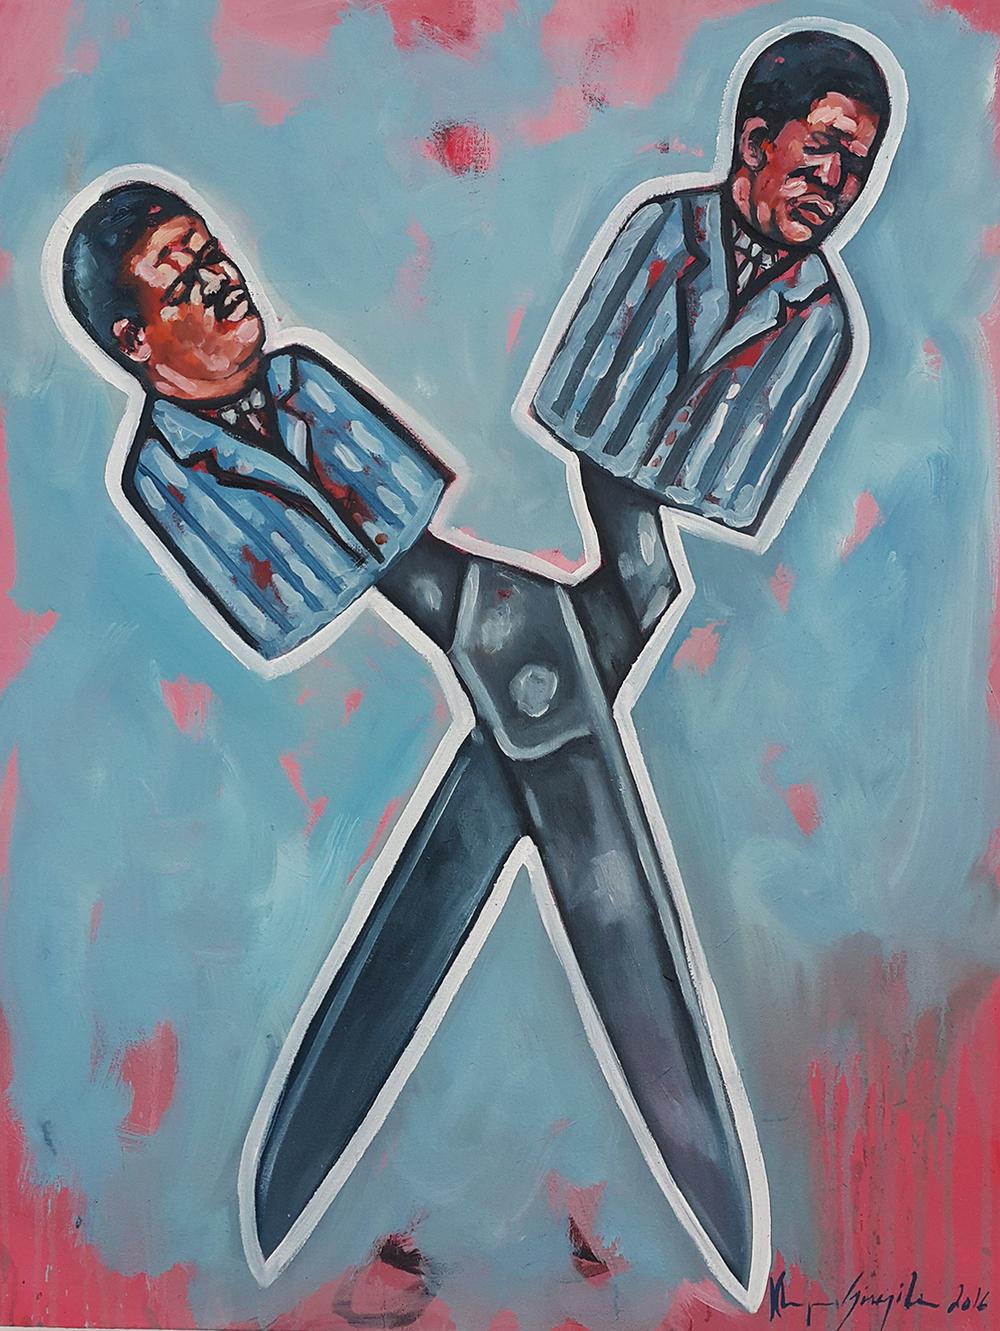 Khaya Sineyile  'Cut from the Same Cloth'  Oil on canvas  90 x 70 cm